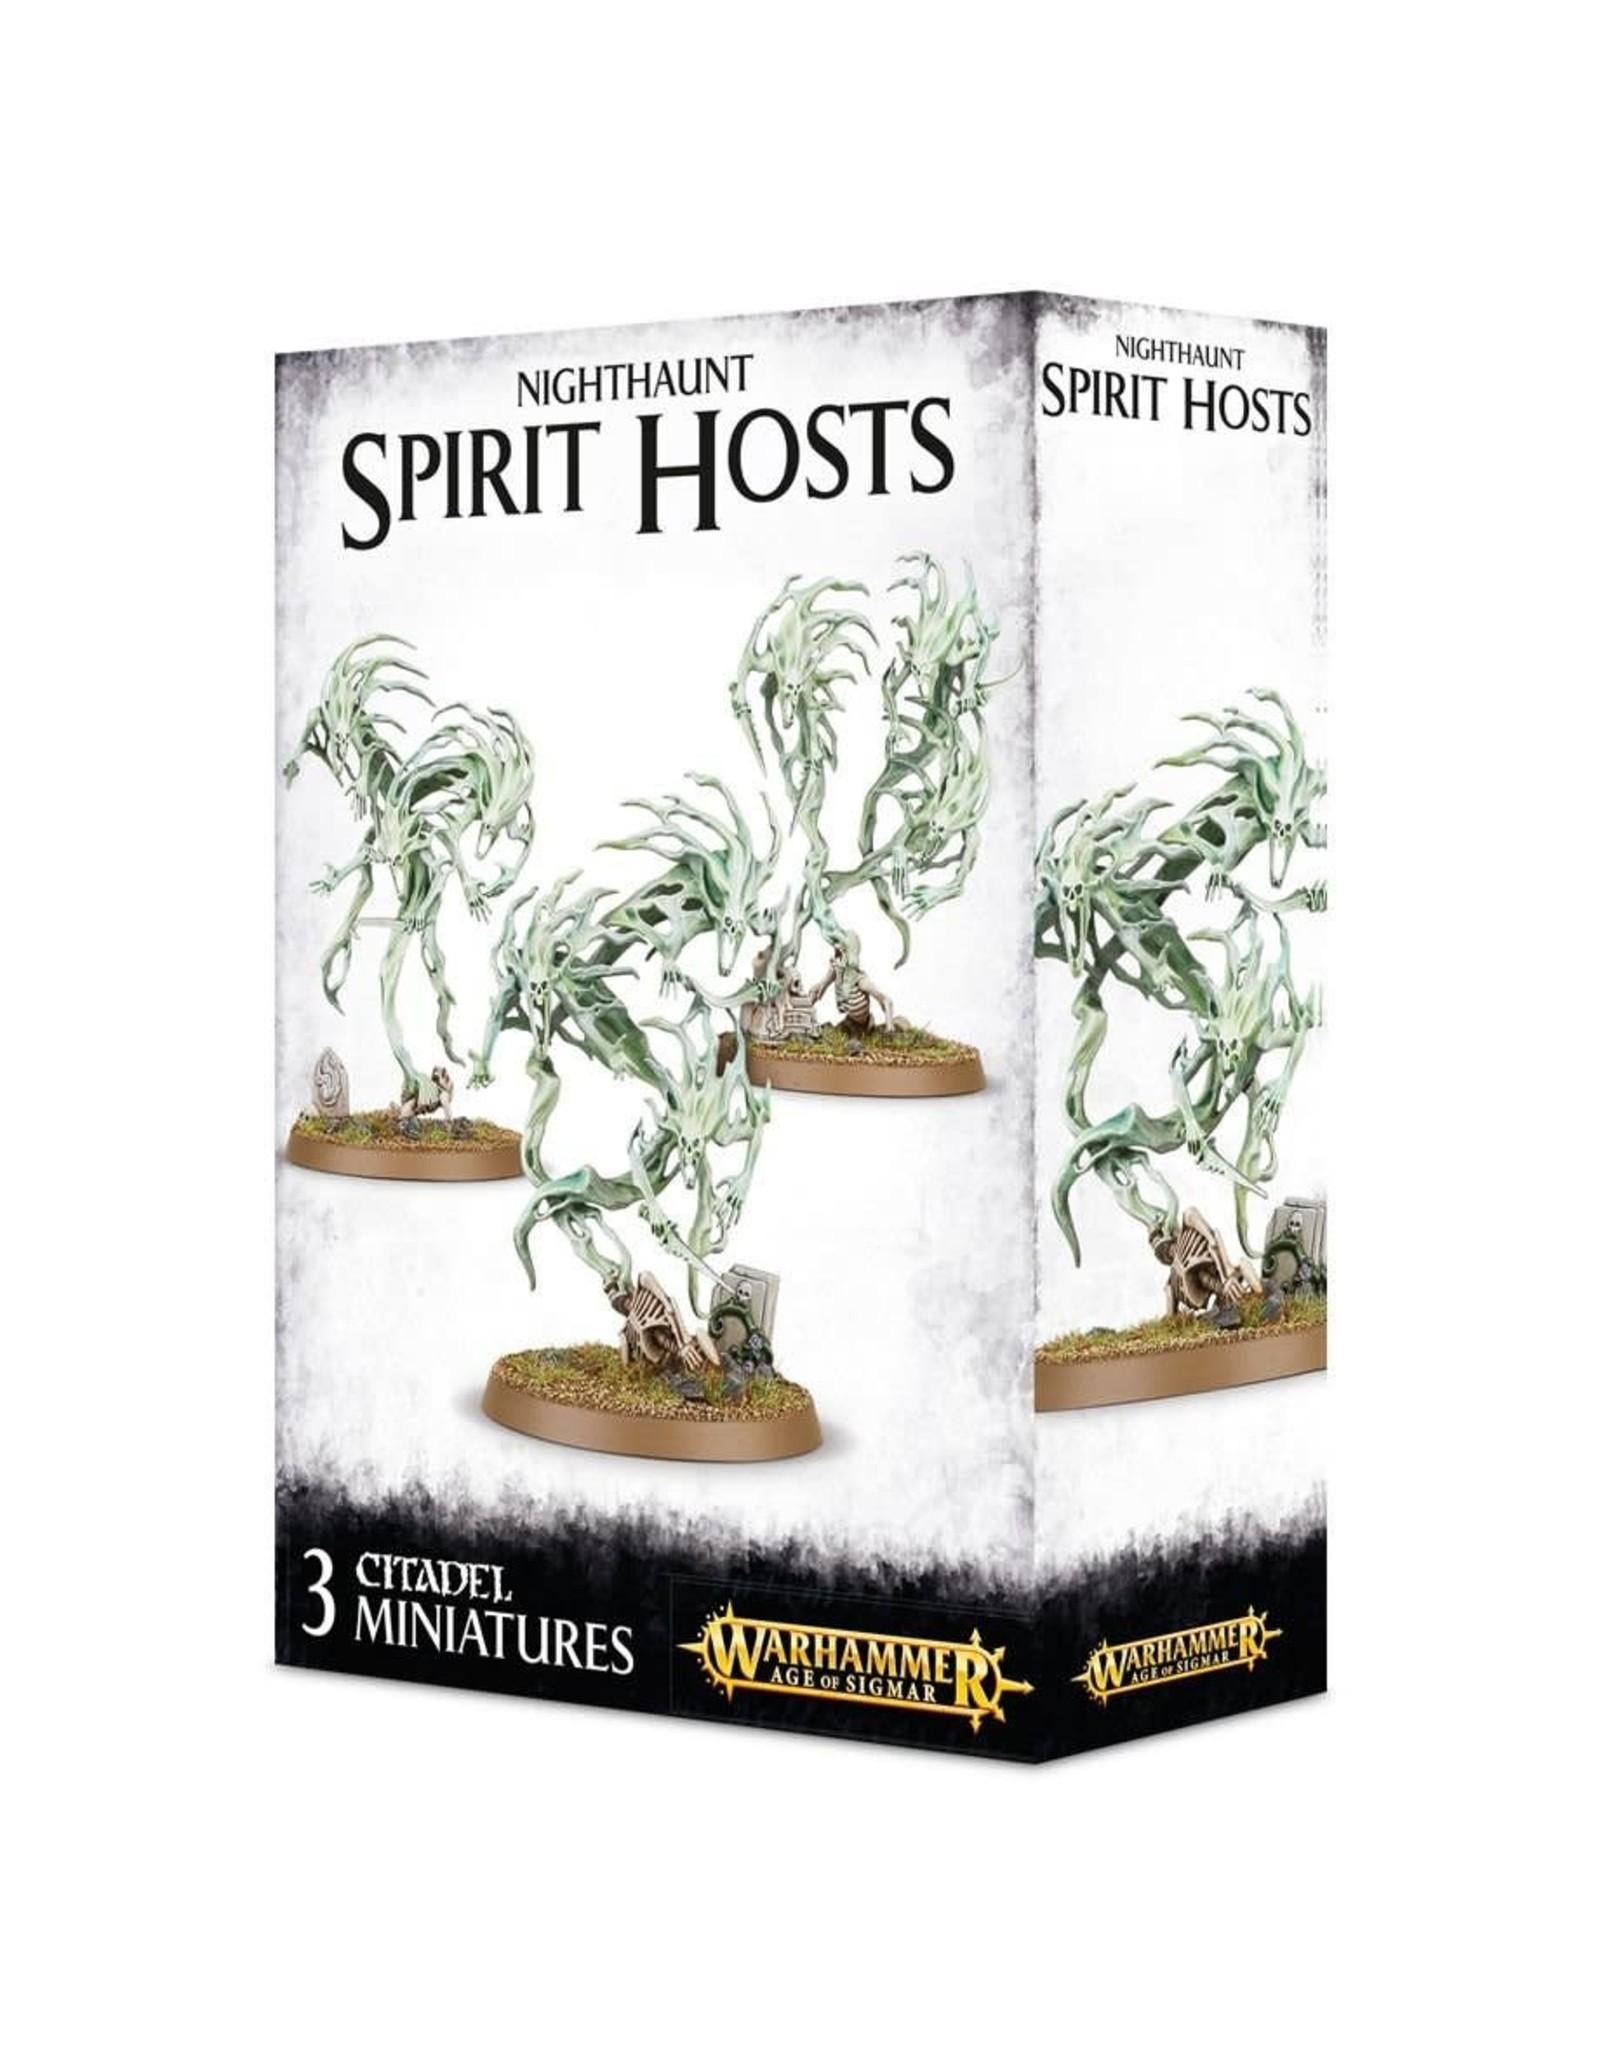 Games workshop NIGHTHAUNT SPIRIT HOSTS